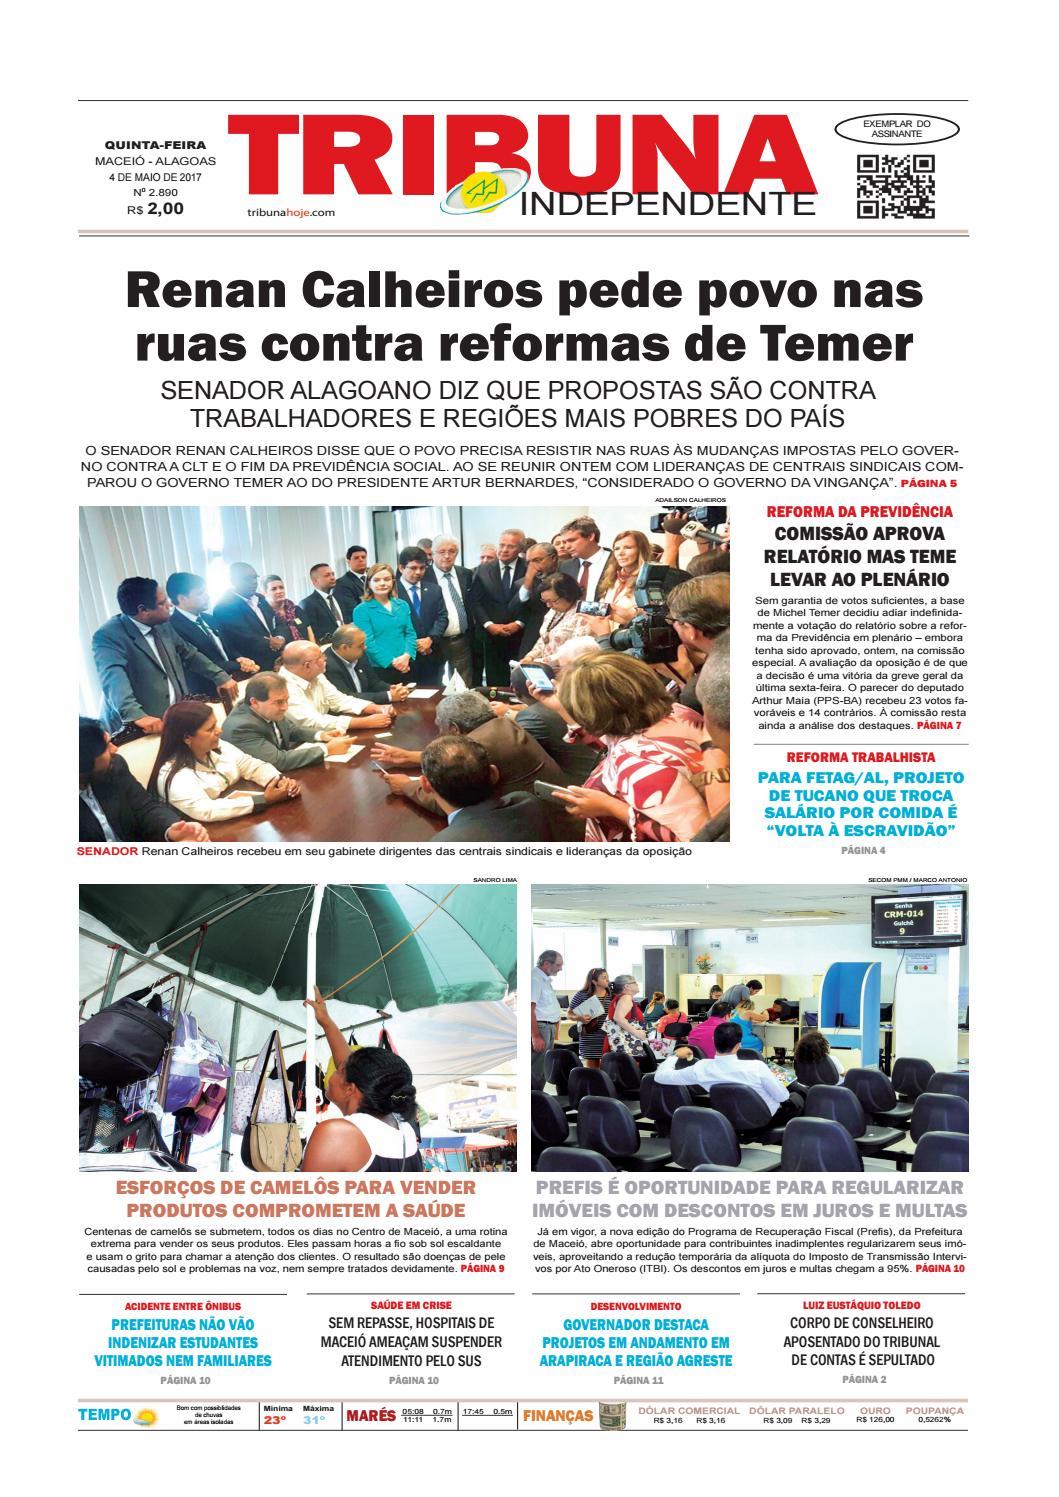 39c4da4cfb98b Edição número 2890 - 4 de maio de 2017 by Tribuna Hoje - issuu